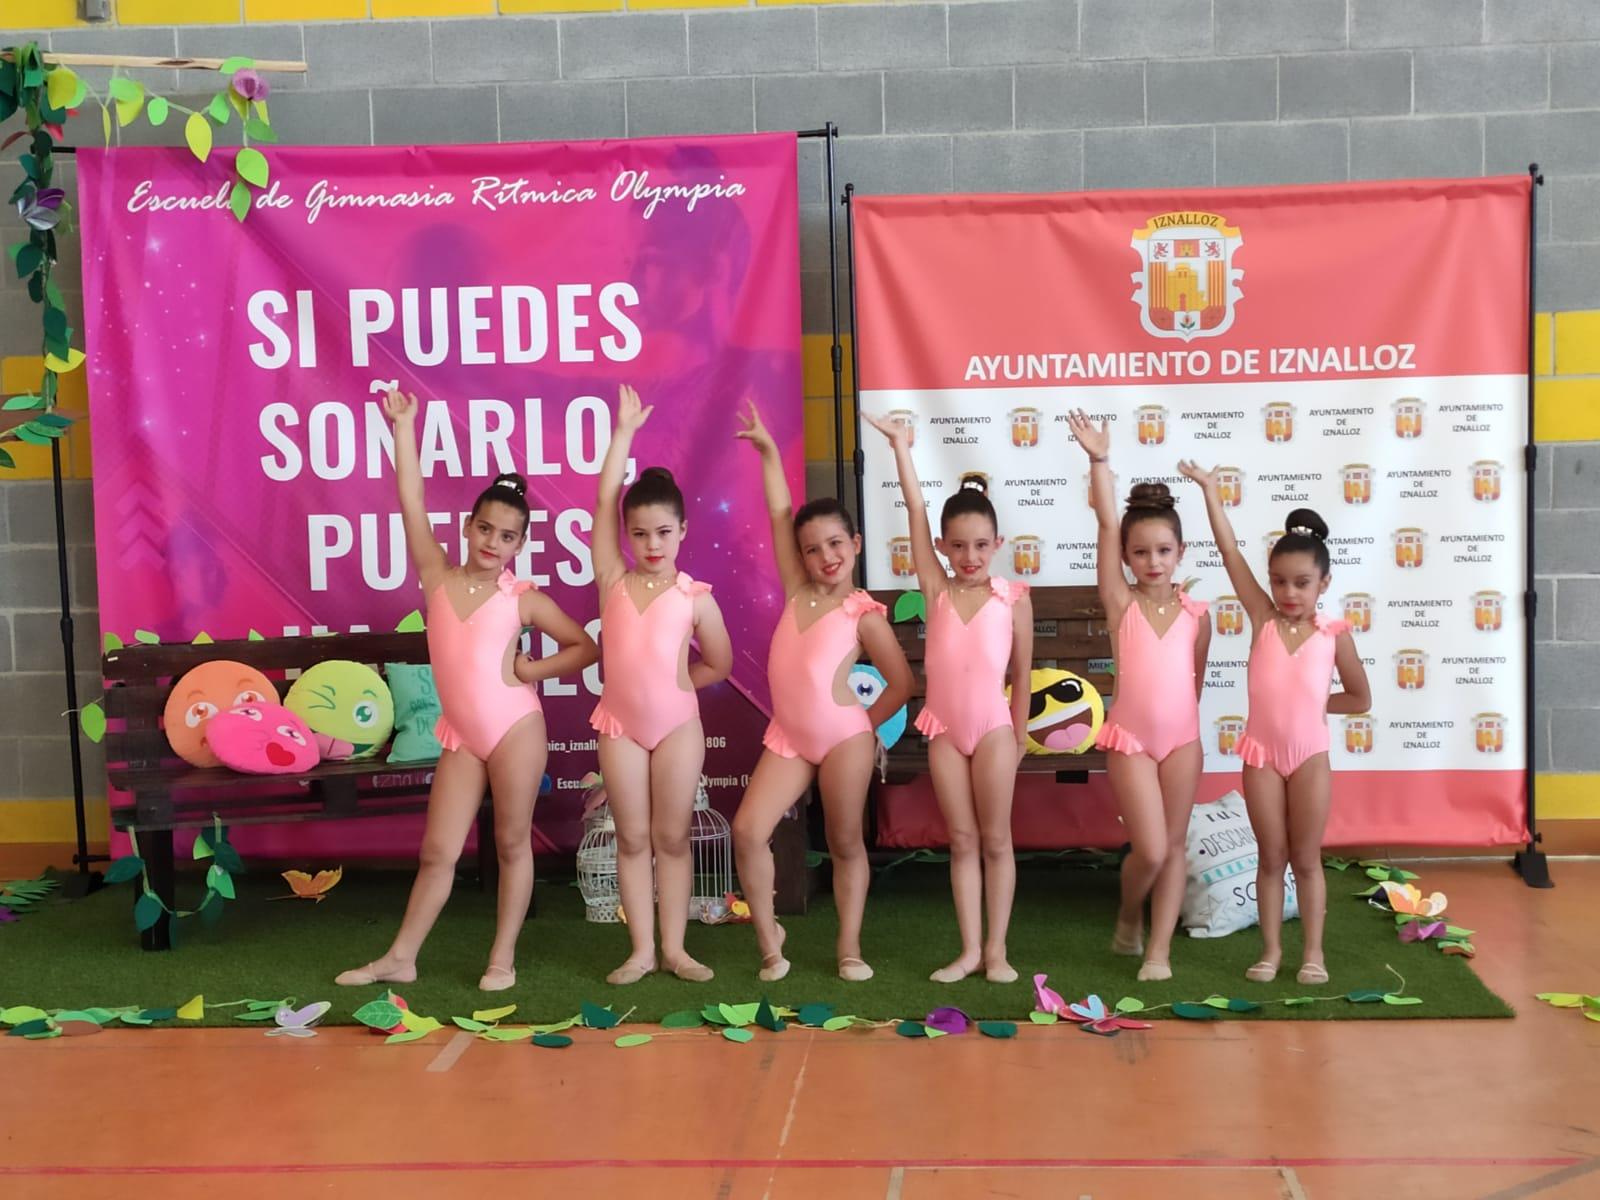 El Club Gimnasia Rítmica Costa Tropical obtiene medallas de oro y plata en la tercera parte del Circuito Diputación